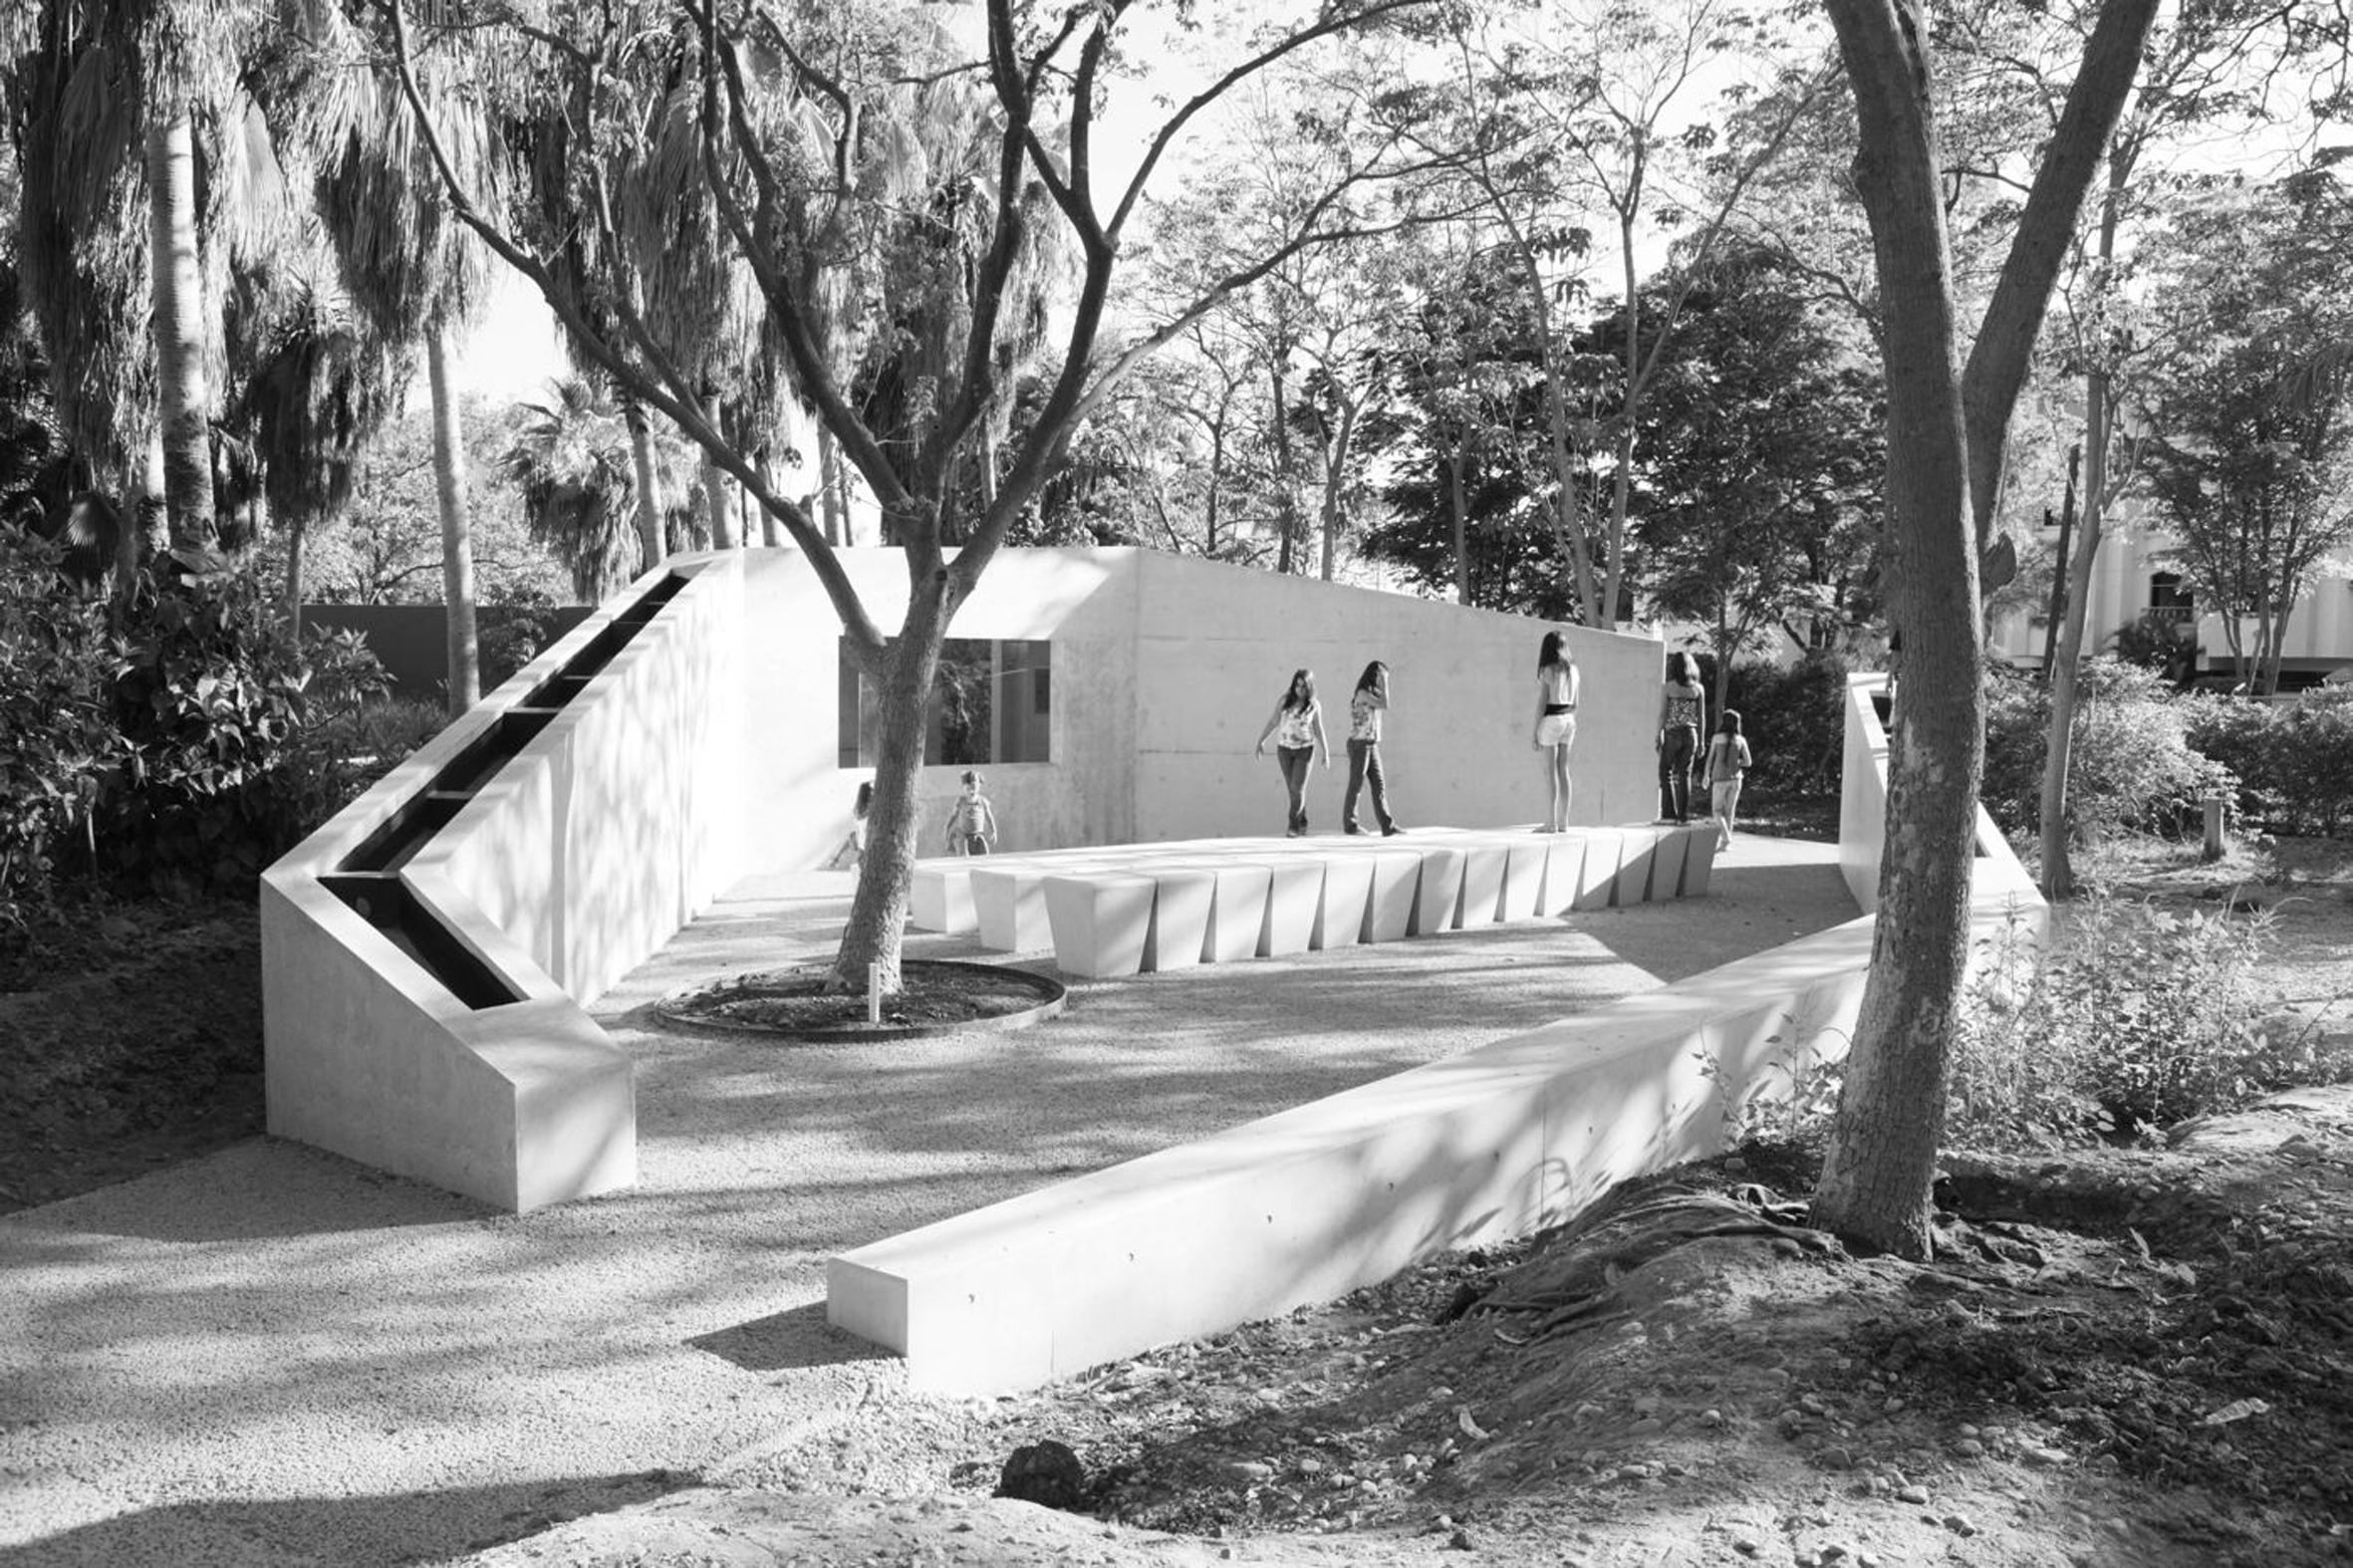 Open Auditorium, Botanical Garden, Culiacan, Sinaloa, Mexico, 2011_gs.jpg